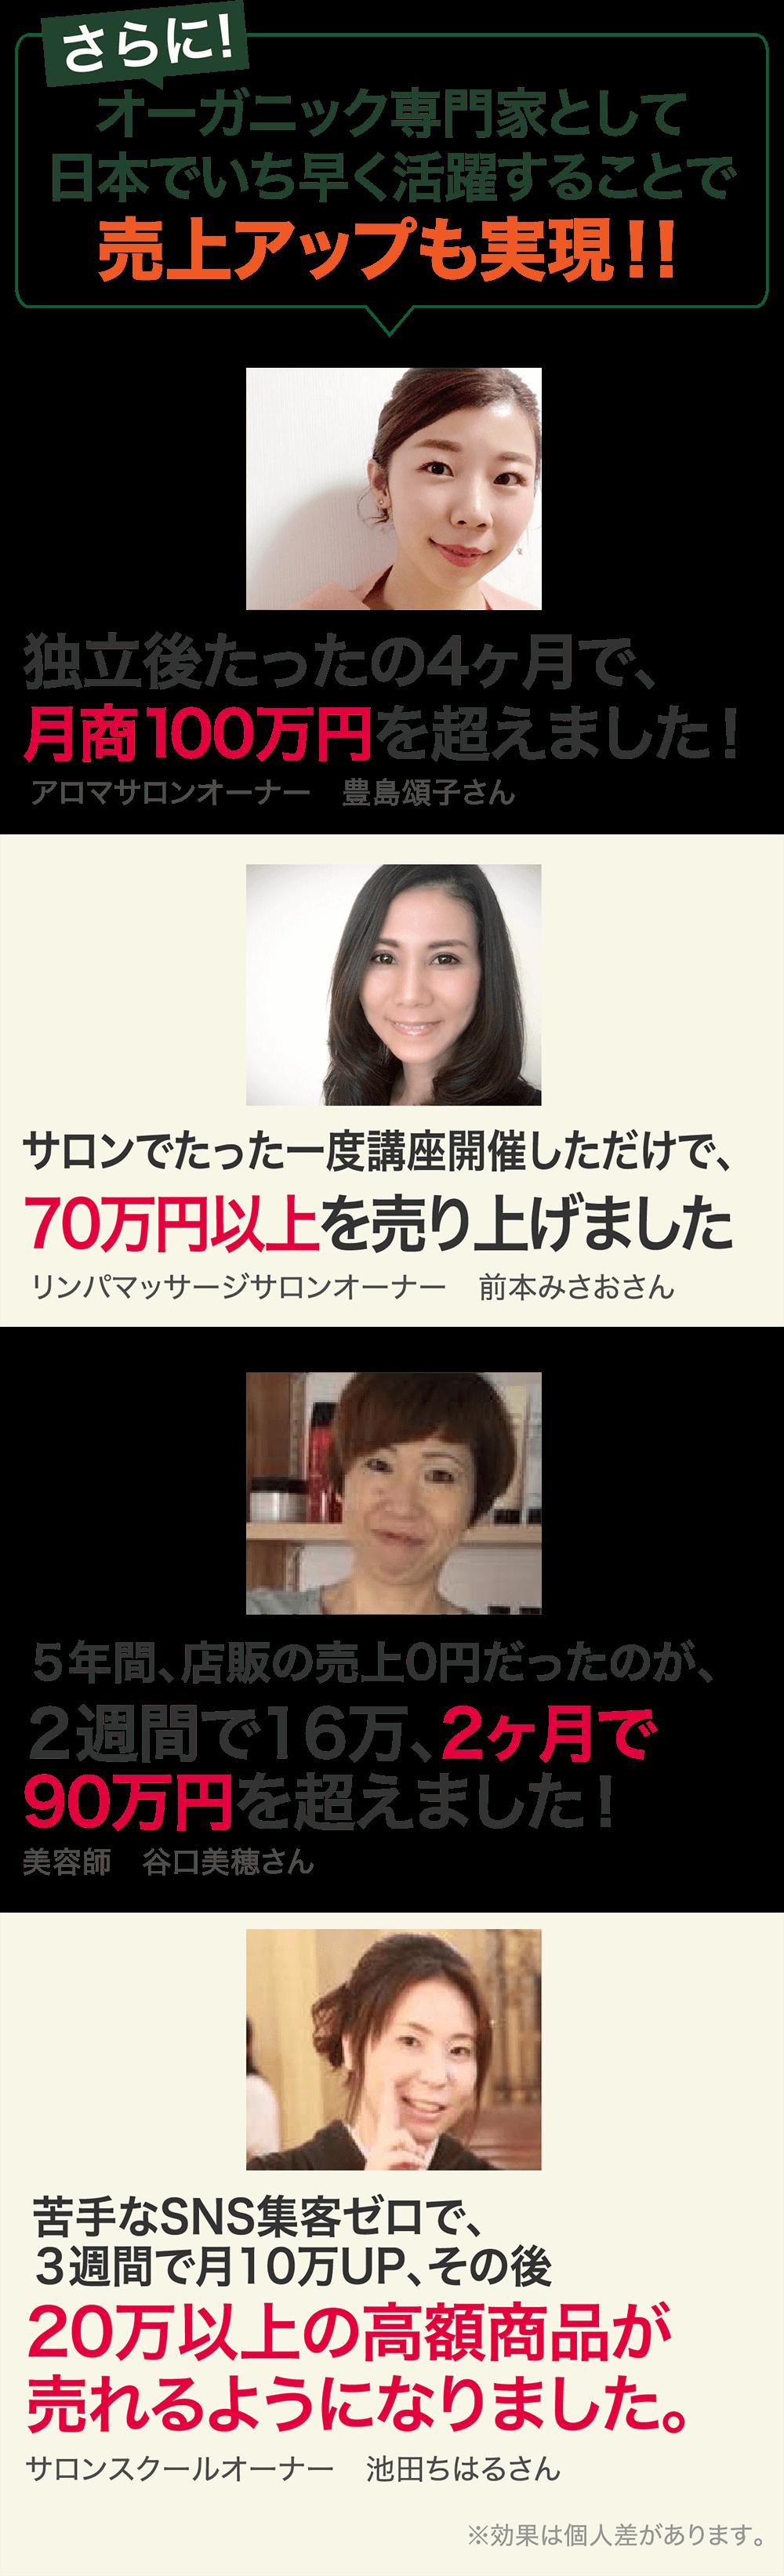 さらに!オーガニック専門家として日本でいち早く活躍することで売上アップも実現!!